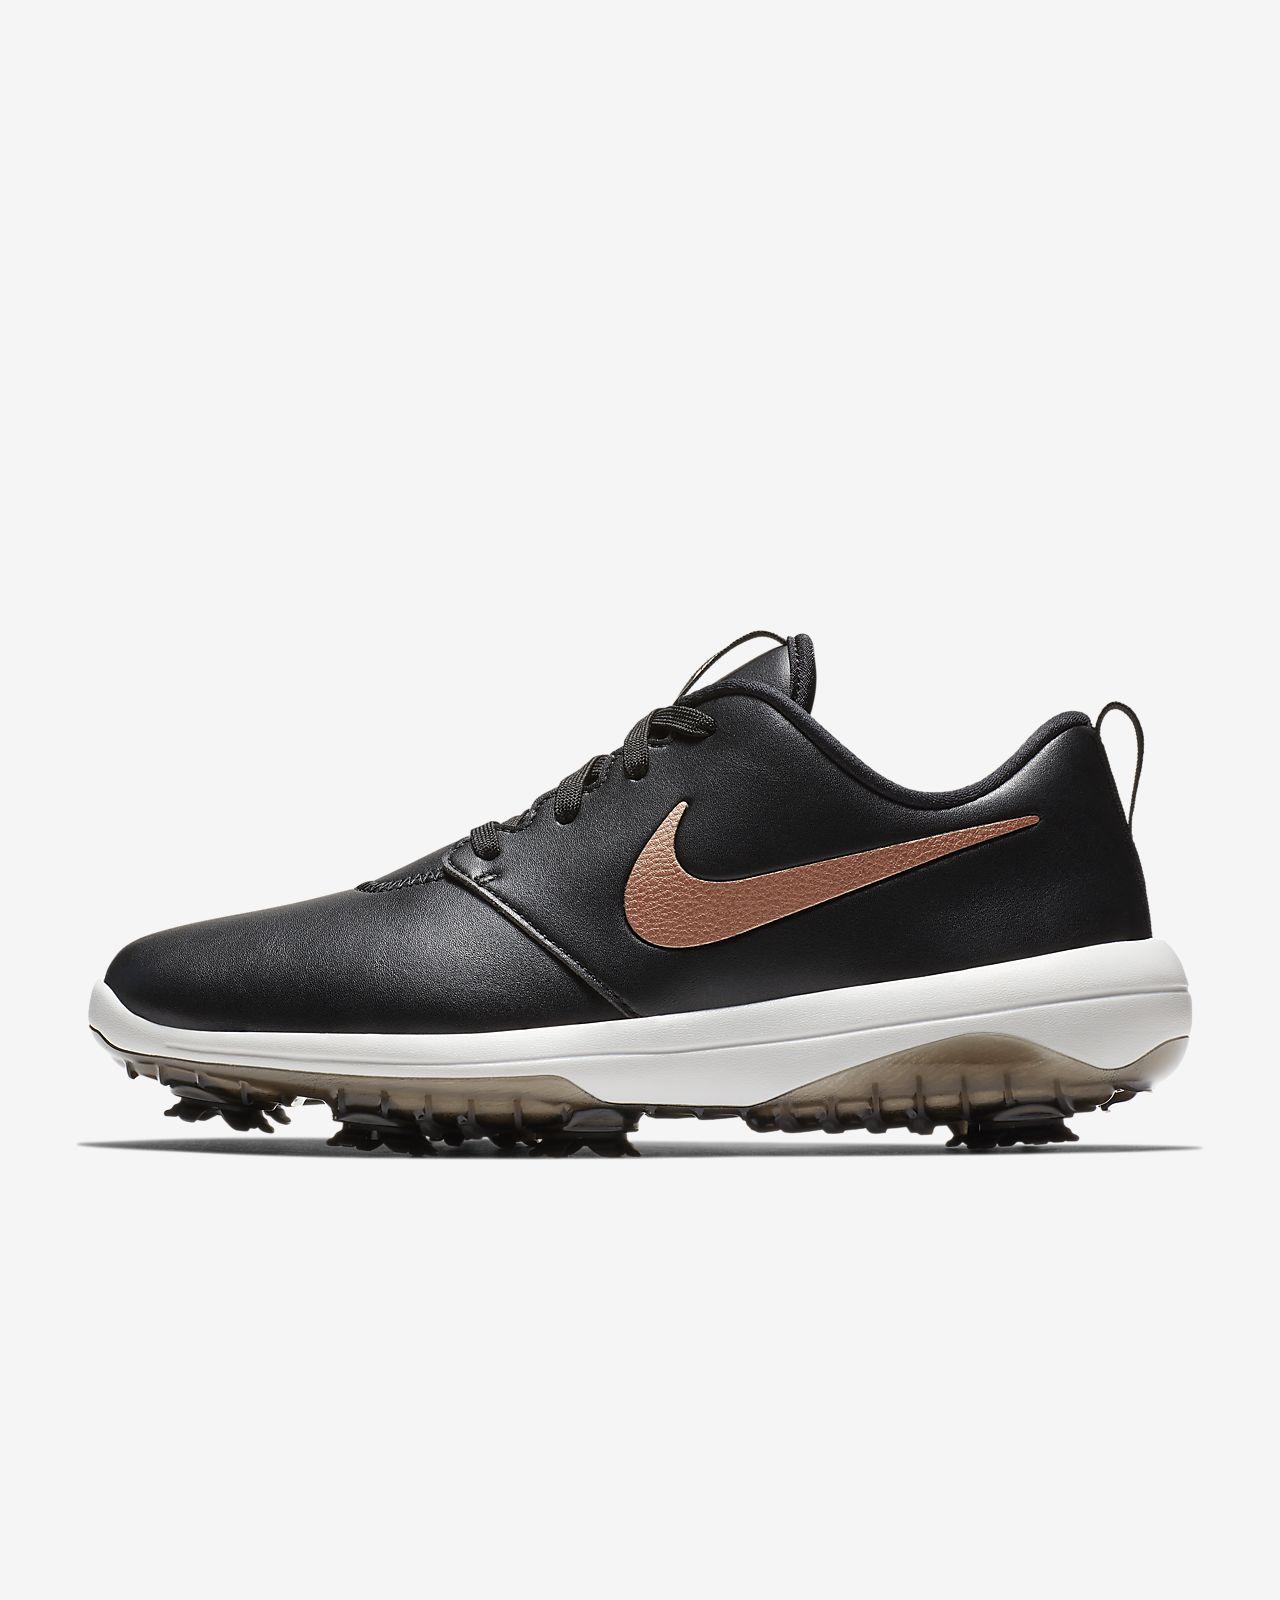 8dee395e252 Dámská golfová bota Nike Roshe G Tour. Nike.com CZ